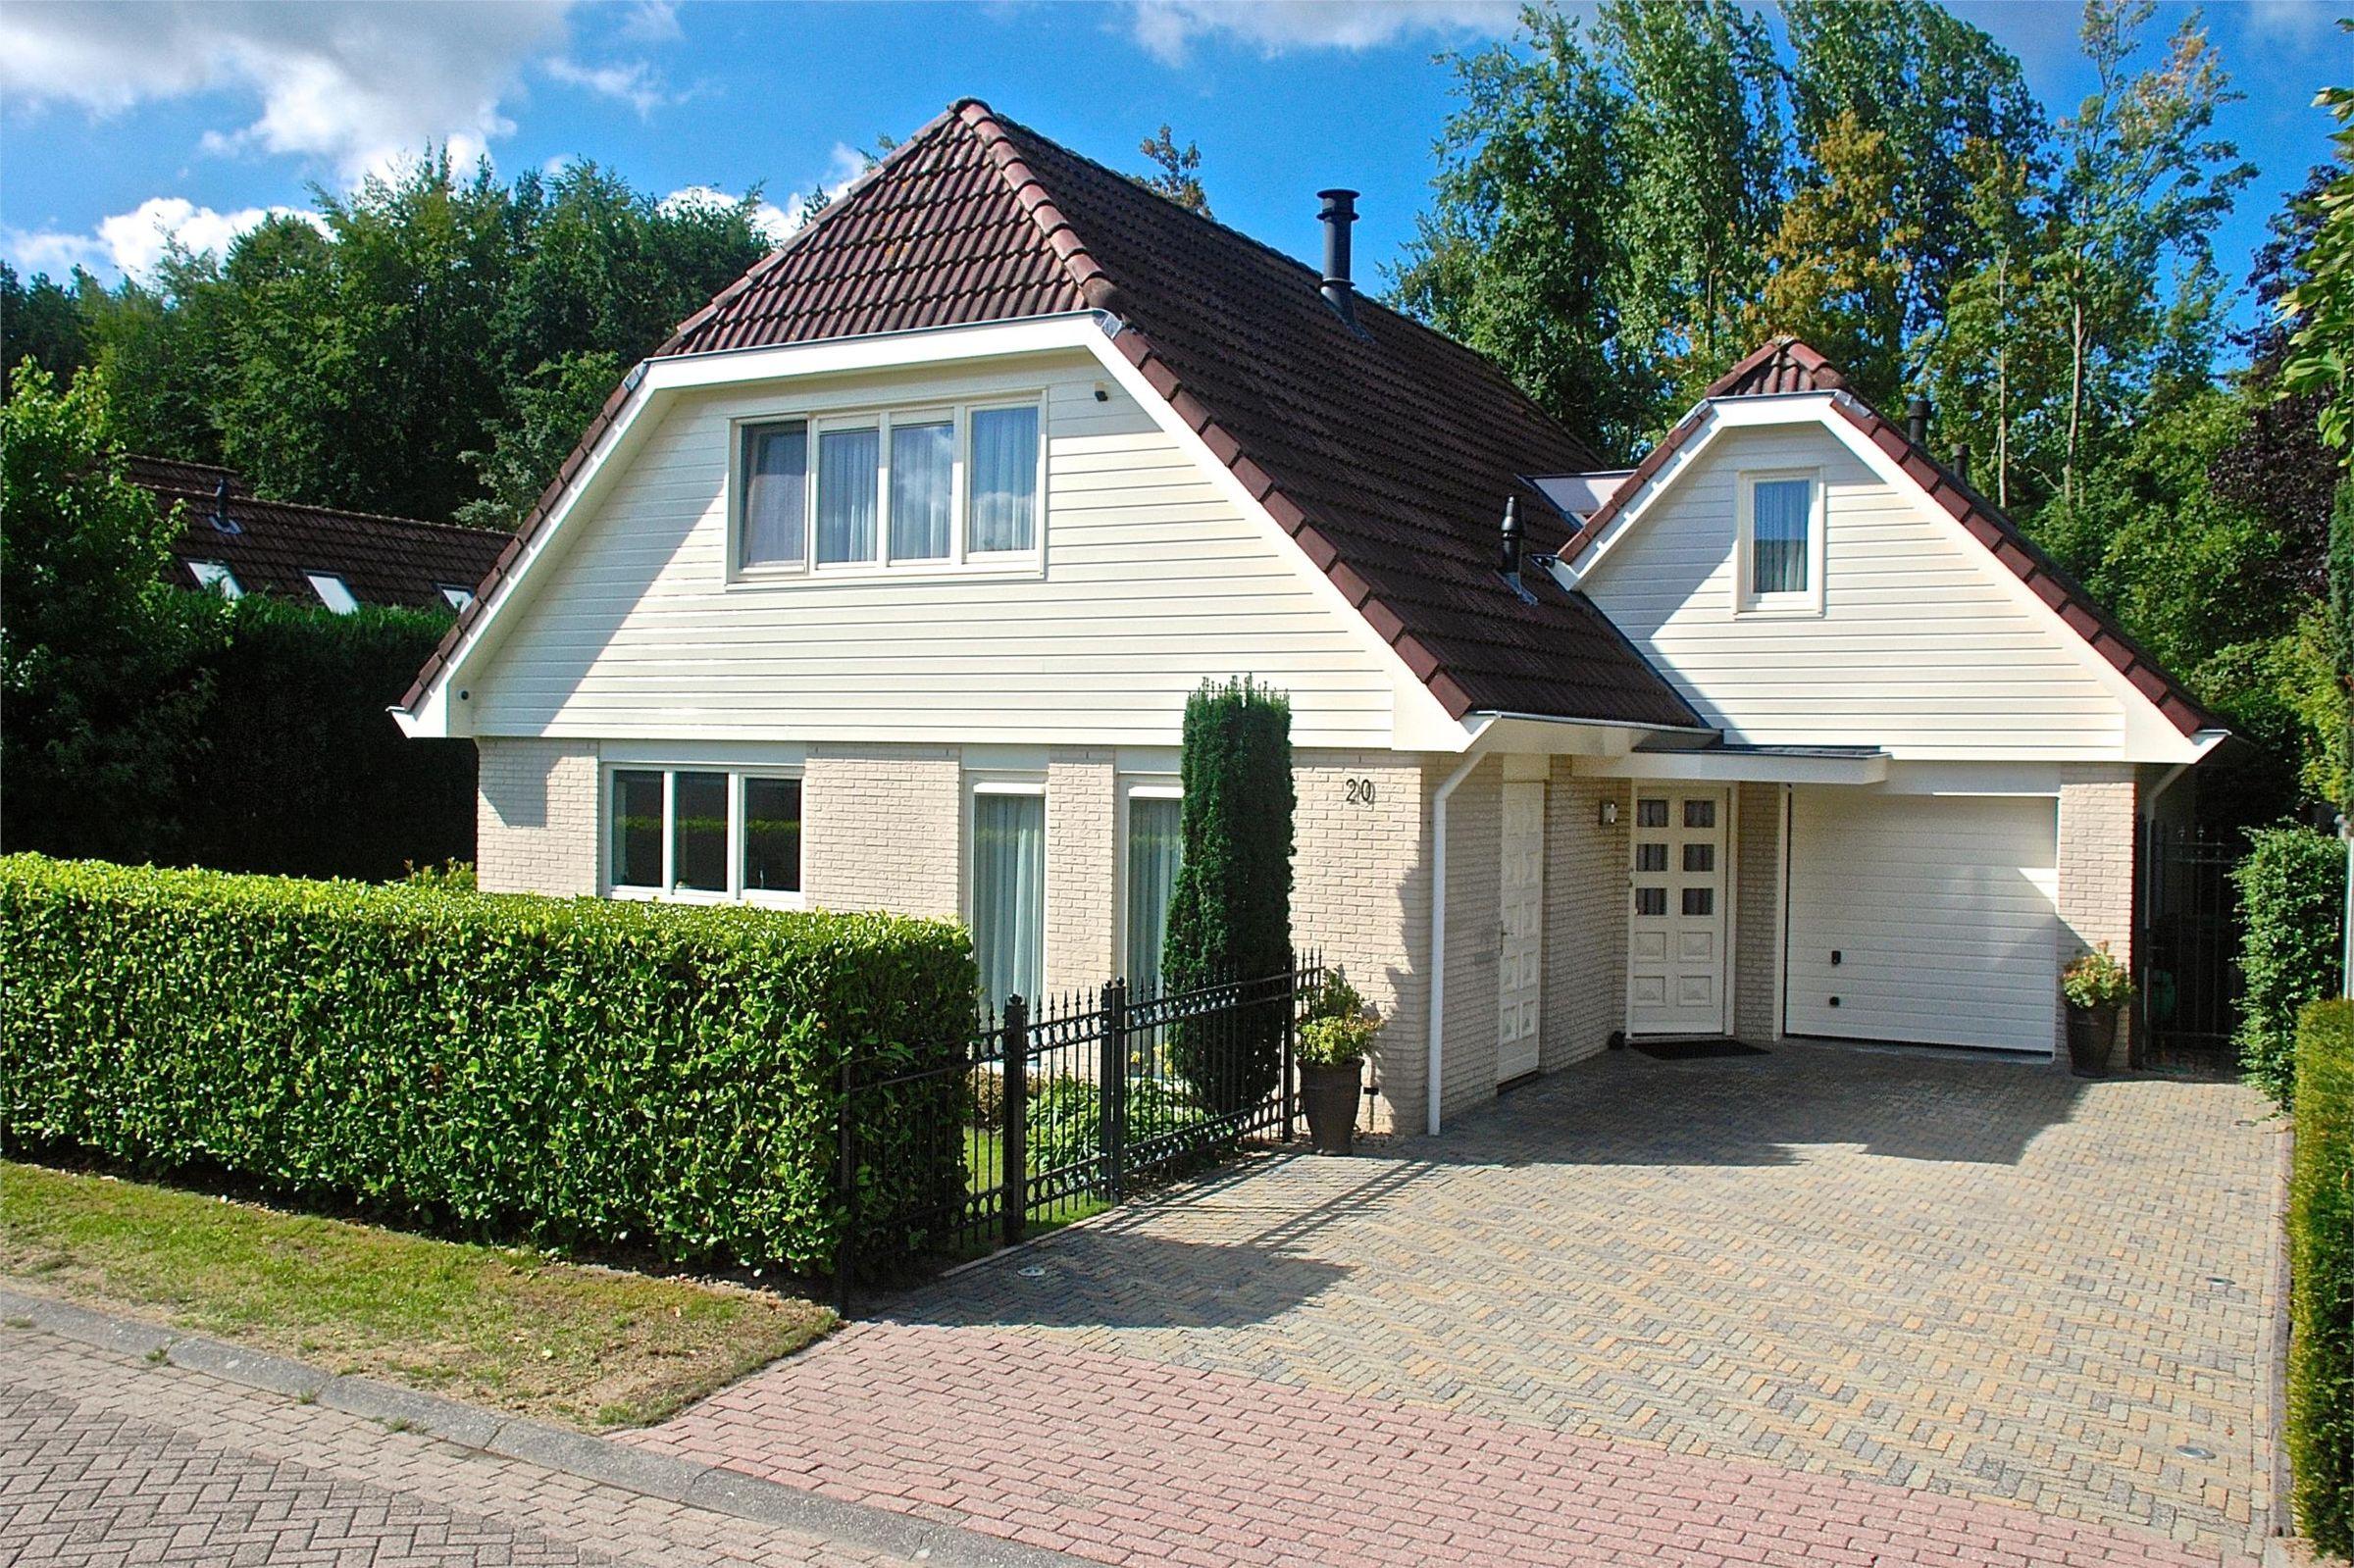 Wolkenveld 20, Almere